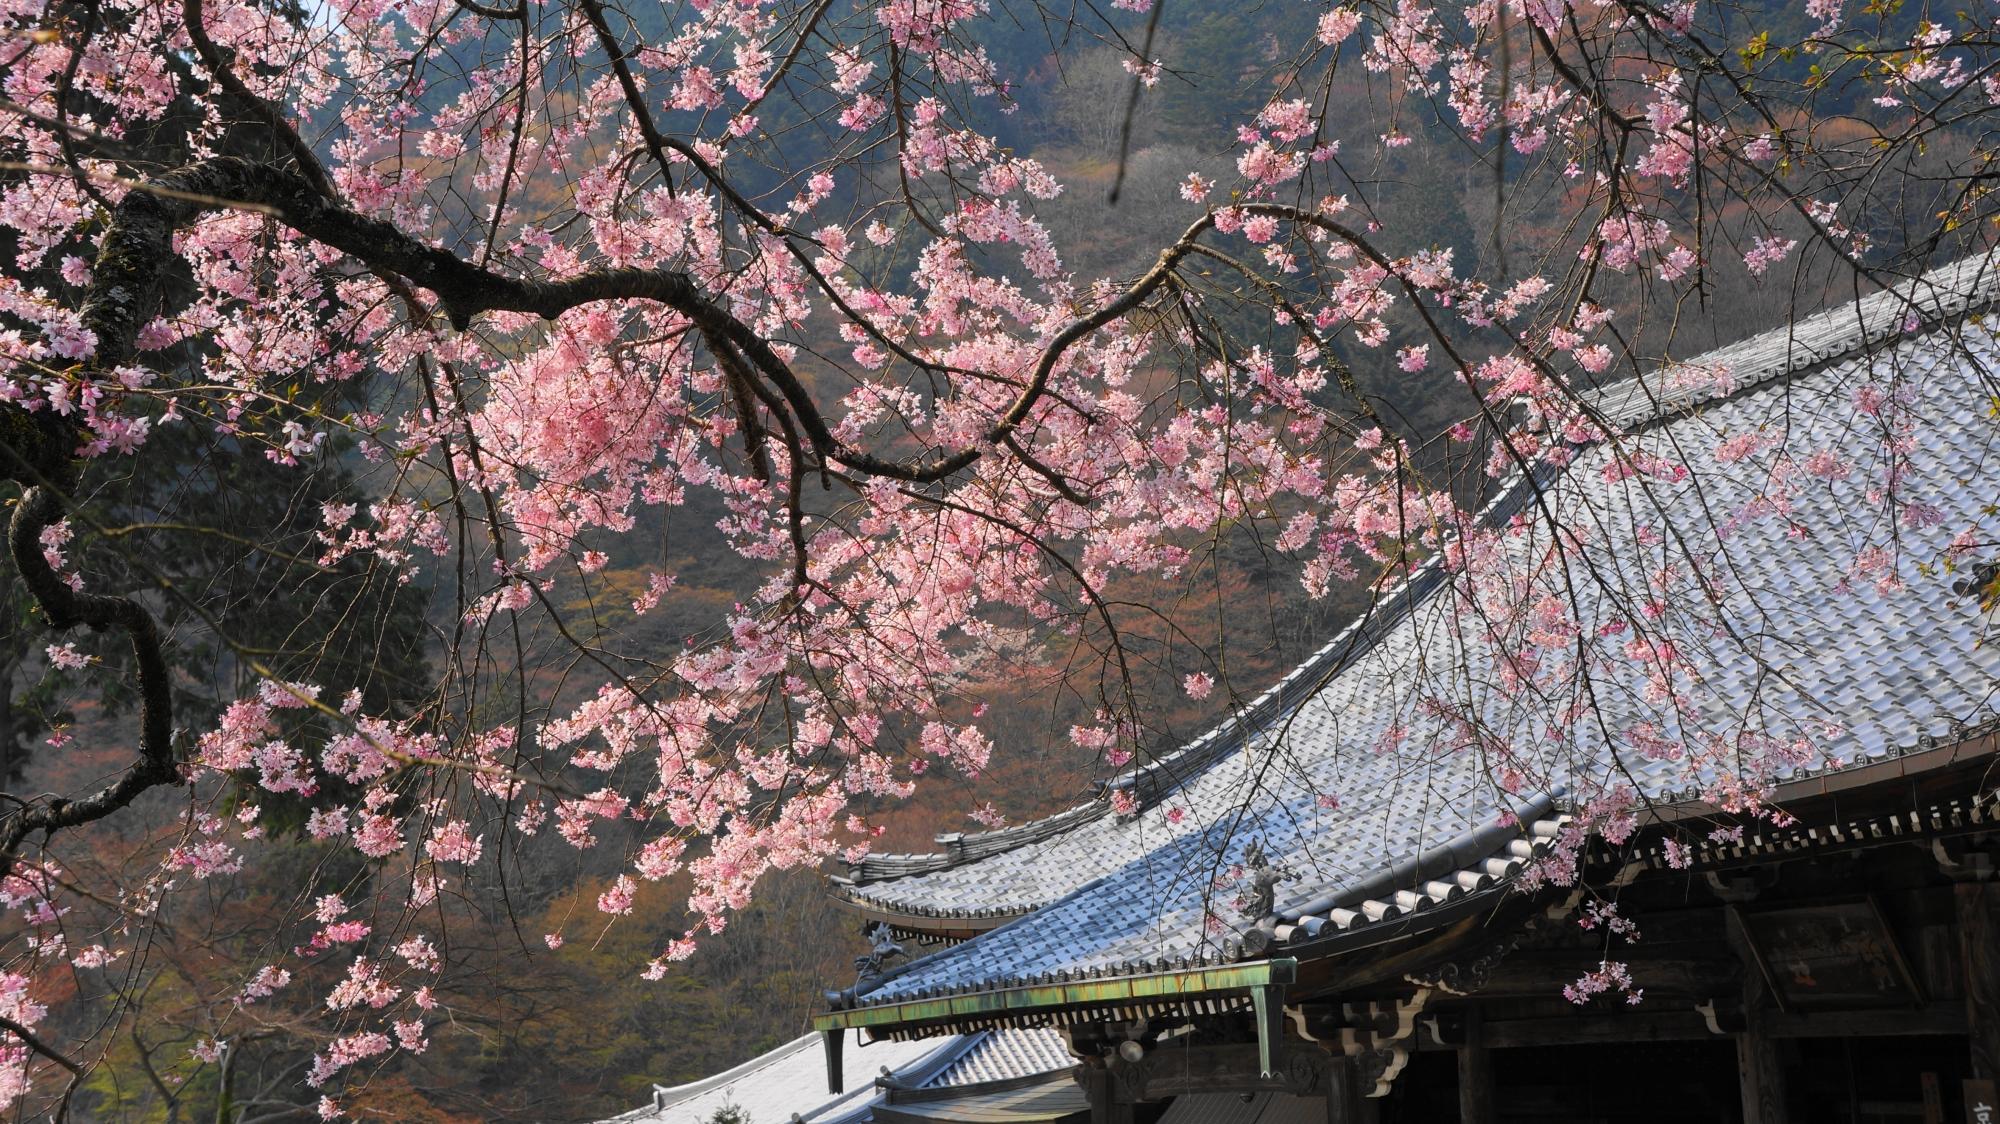 善峯寺の観音堂(本堂)と華やぐ可愛いピンクの桜